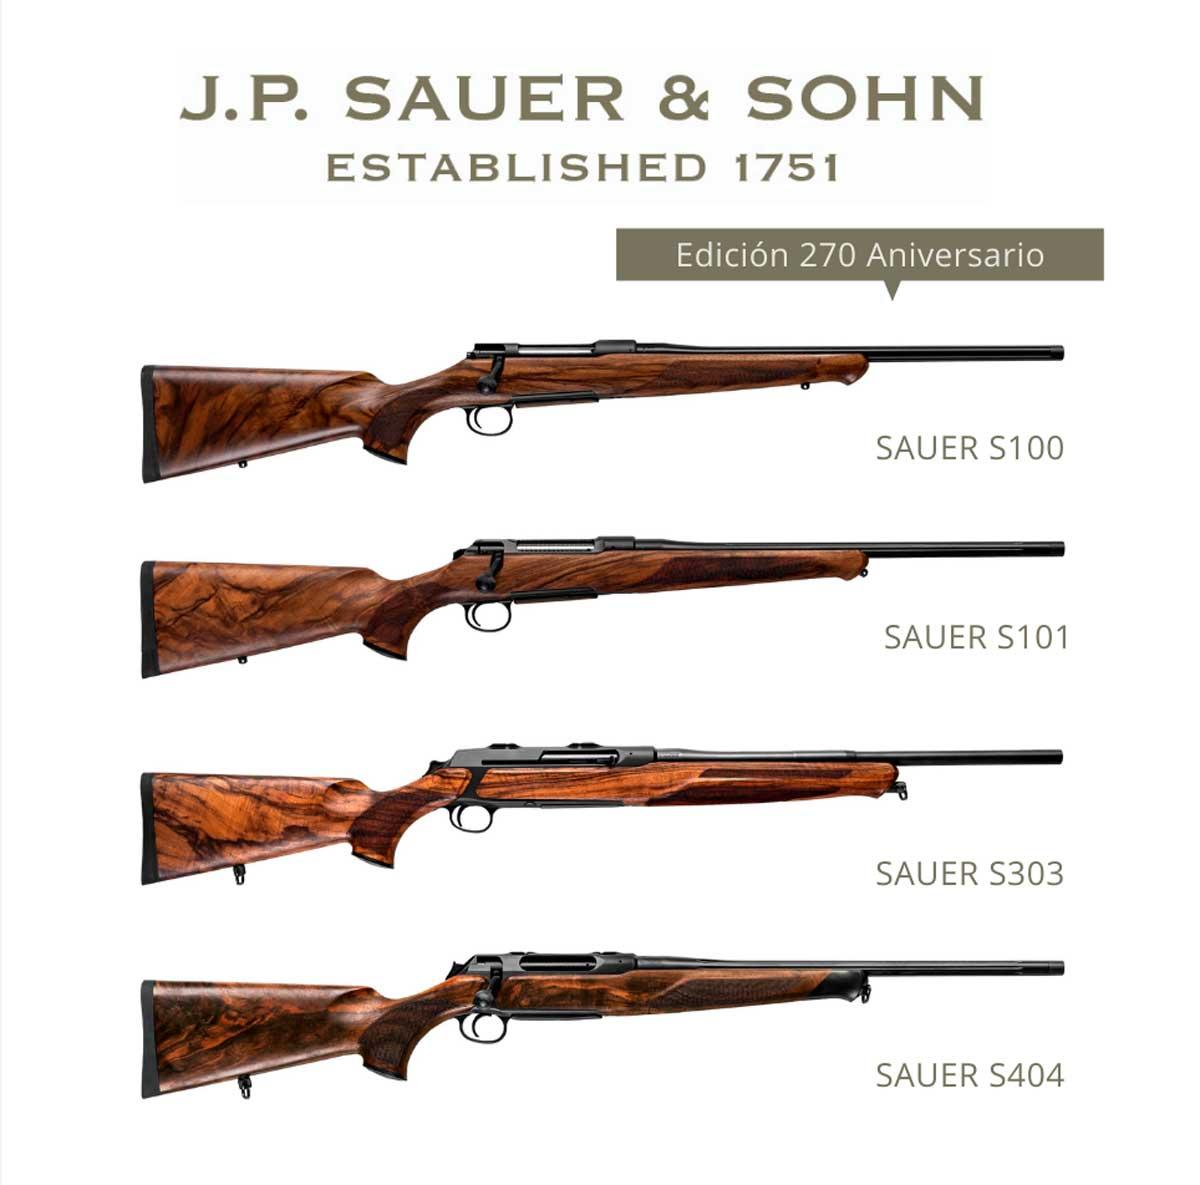 Edición especial Sauer 270 Aniversario